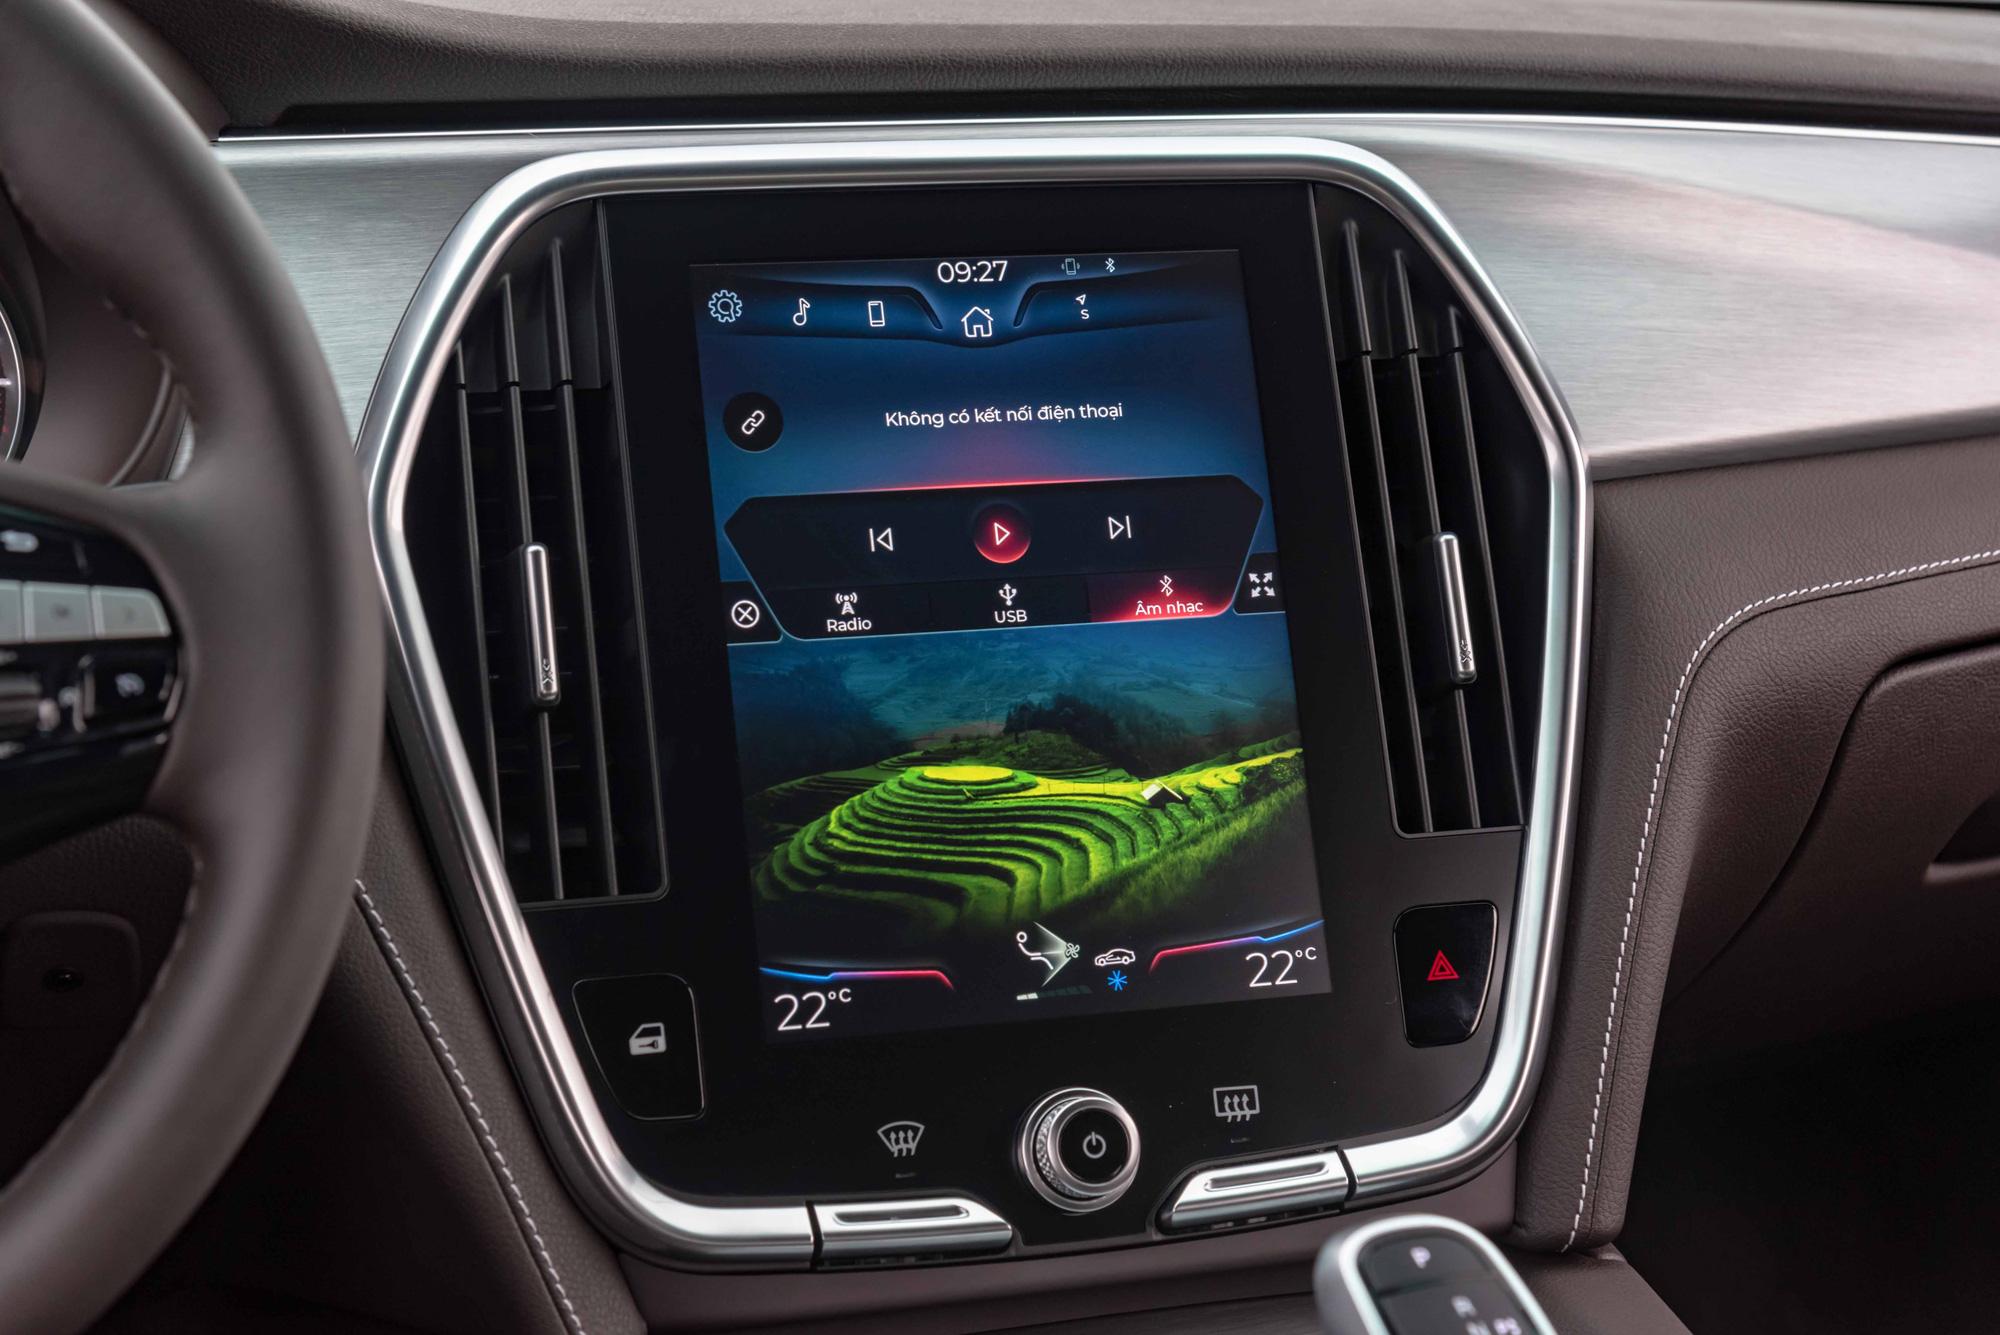 Màn hình lớn, độ phân giải tốt, rõ nét, thao tác có ít độ trễ nhưng chưa hỗ trợ kết nối Apple CarPlay hay Android Auto, bạn sẽ phải kết nối bằng Bluetooth. Nhược điểm của màn hình này là bị lóa vào trời nắng, dù mặt kính đã được phủ lớp chống loá. Việc điều khiển điều hoà phụ thuộc hoàn toàn vào màn hình cảm ứng đôi khi hơi bất tiện trong thao tác.